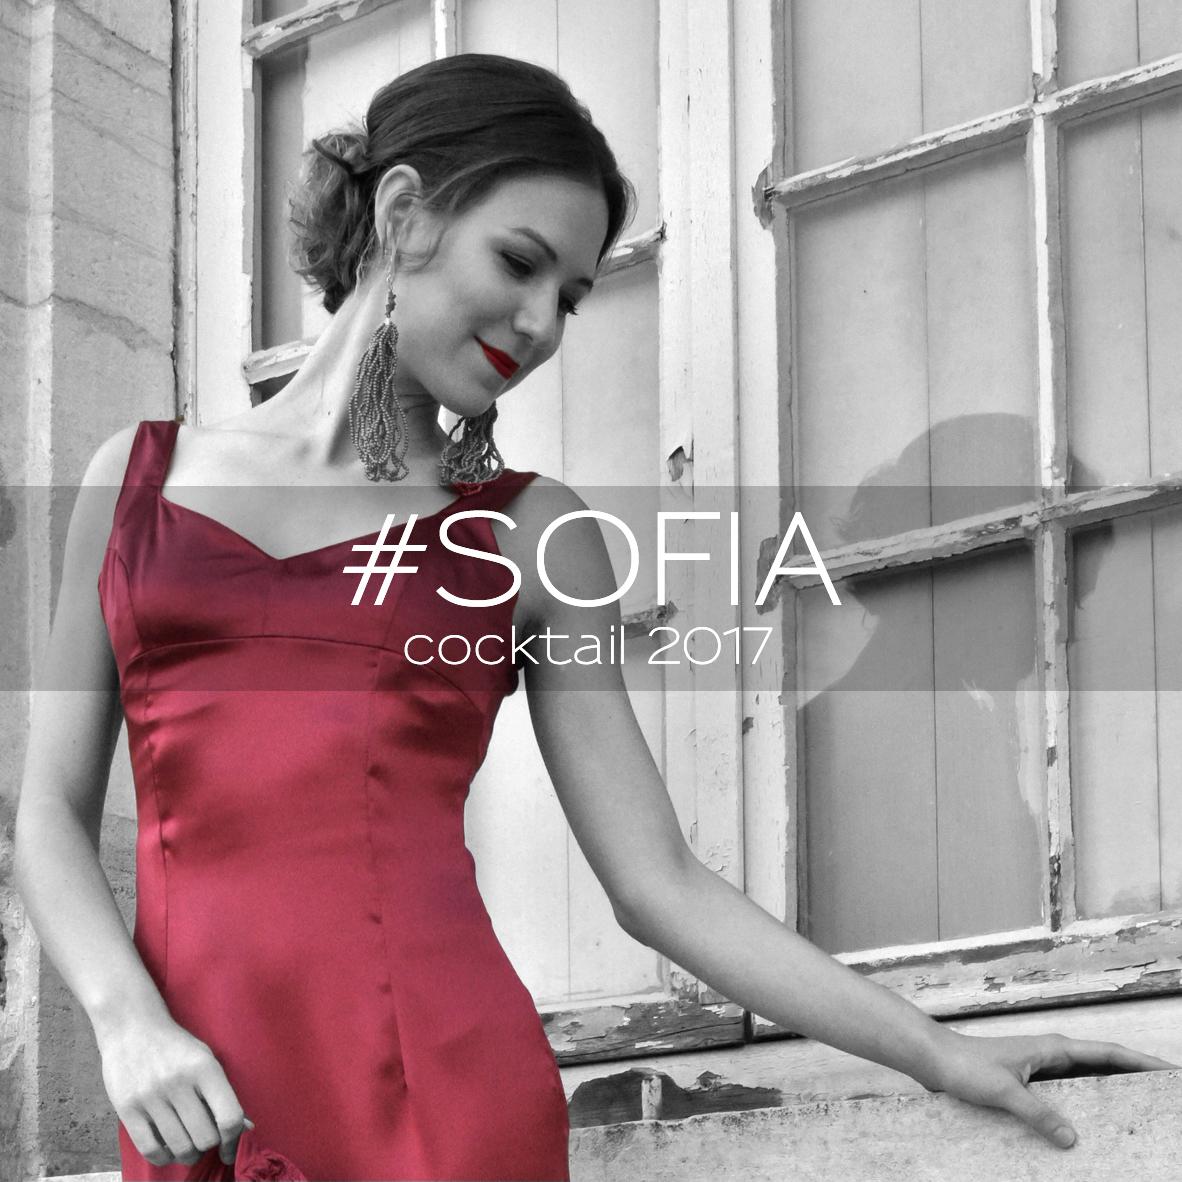 SOFIA cocktail 2017 - Fabienne Dimanov Paris